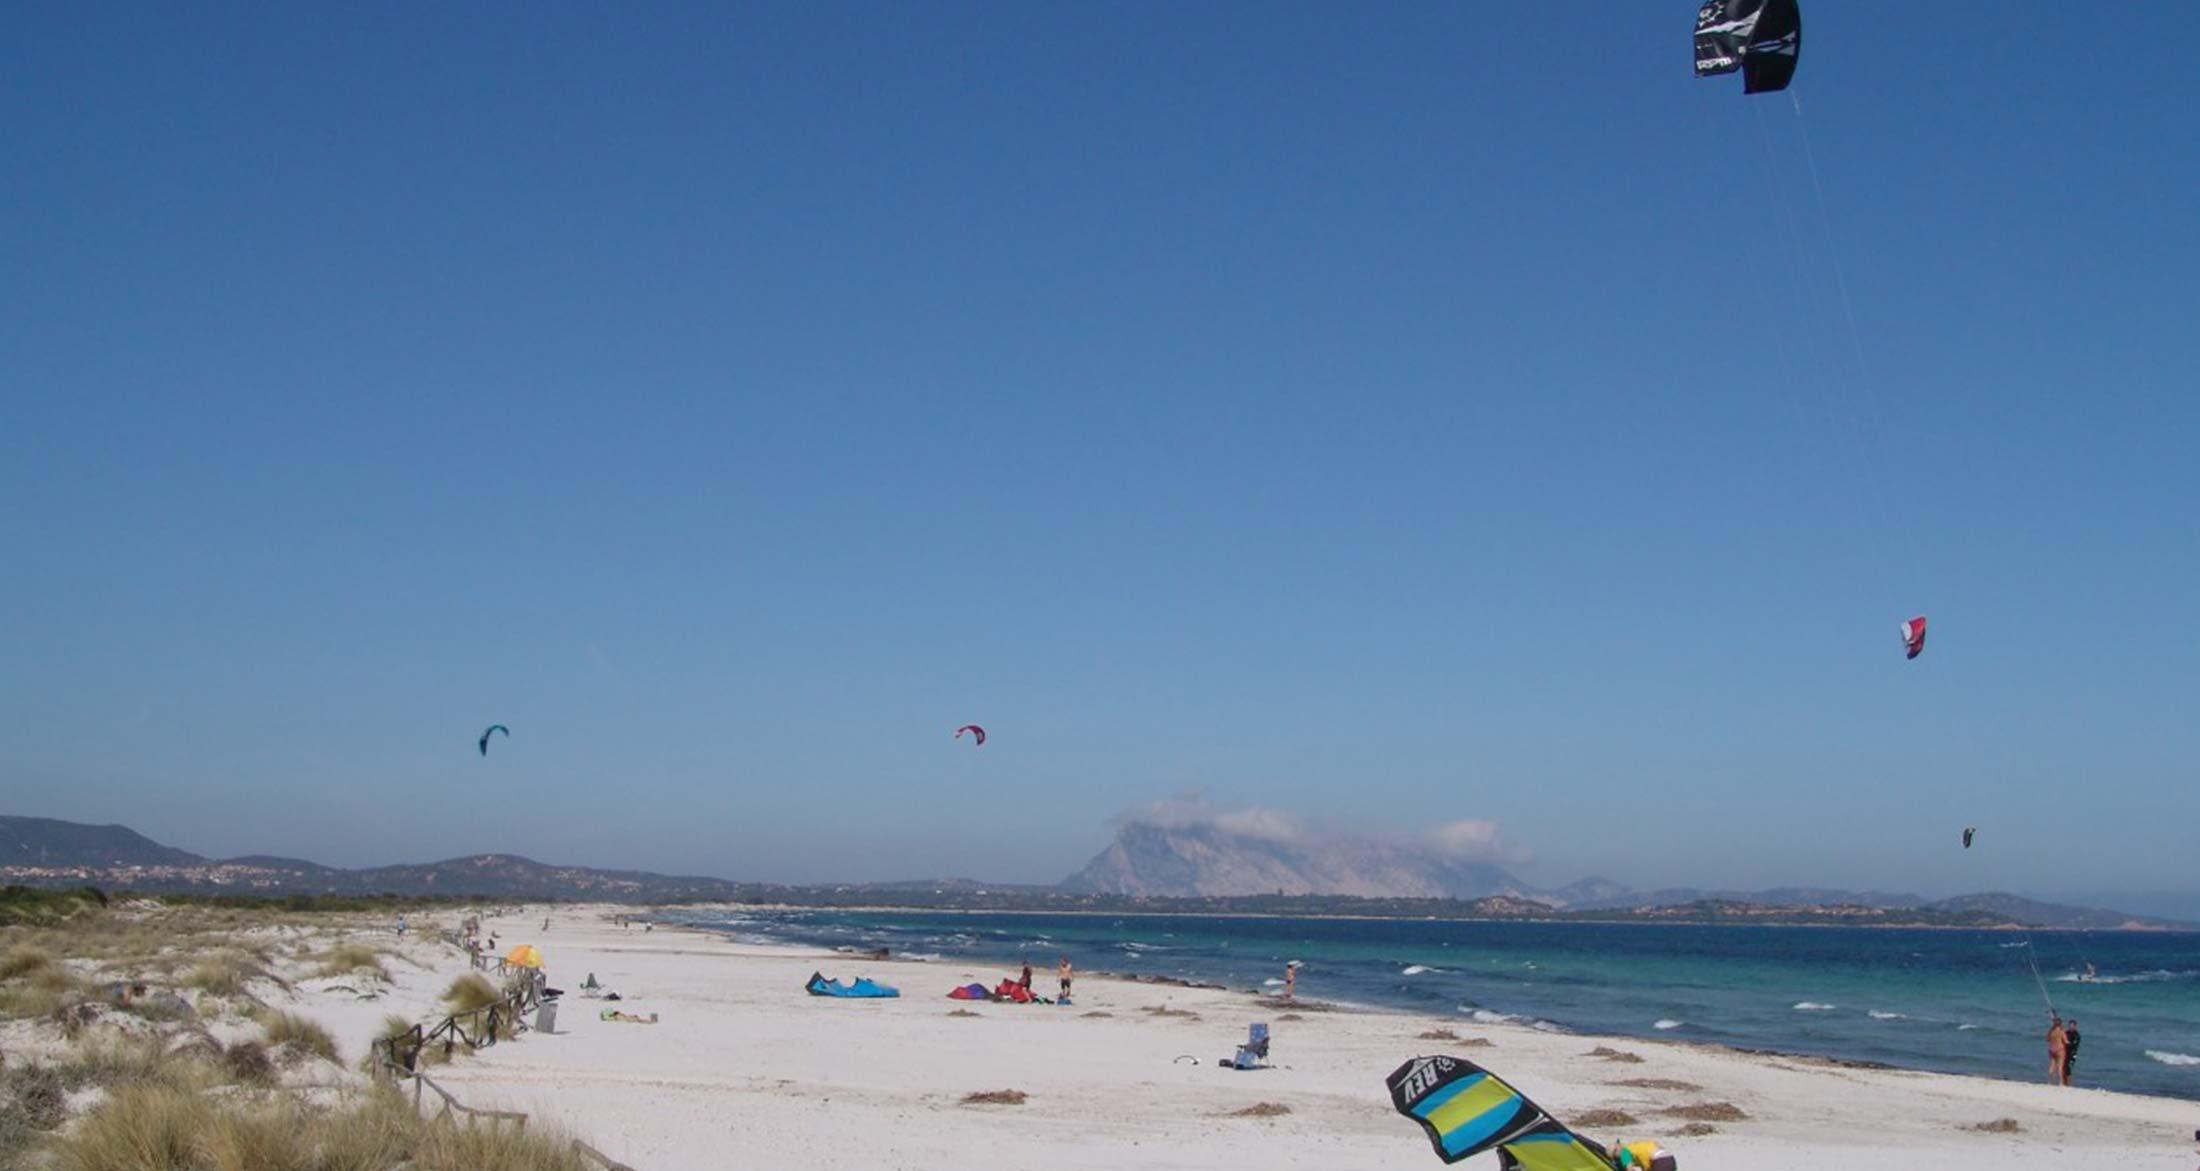 Kite-surfning